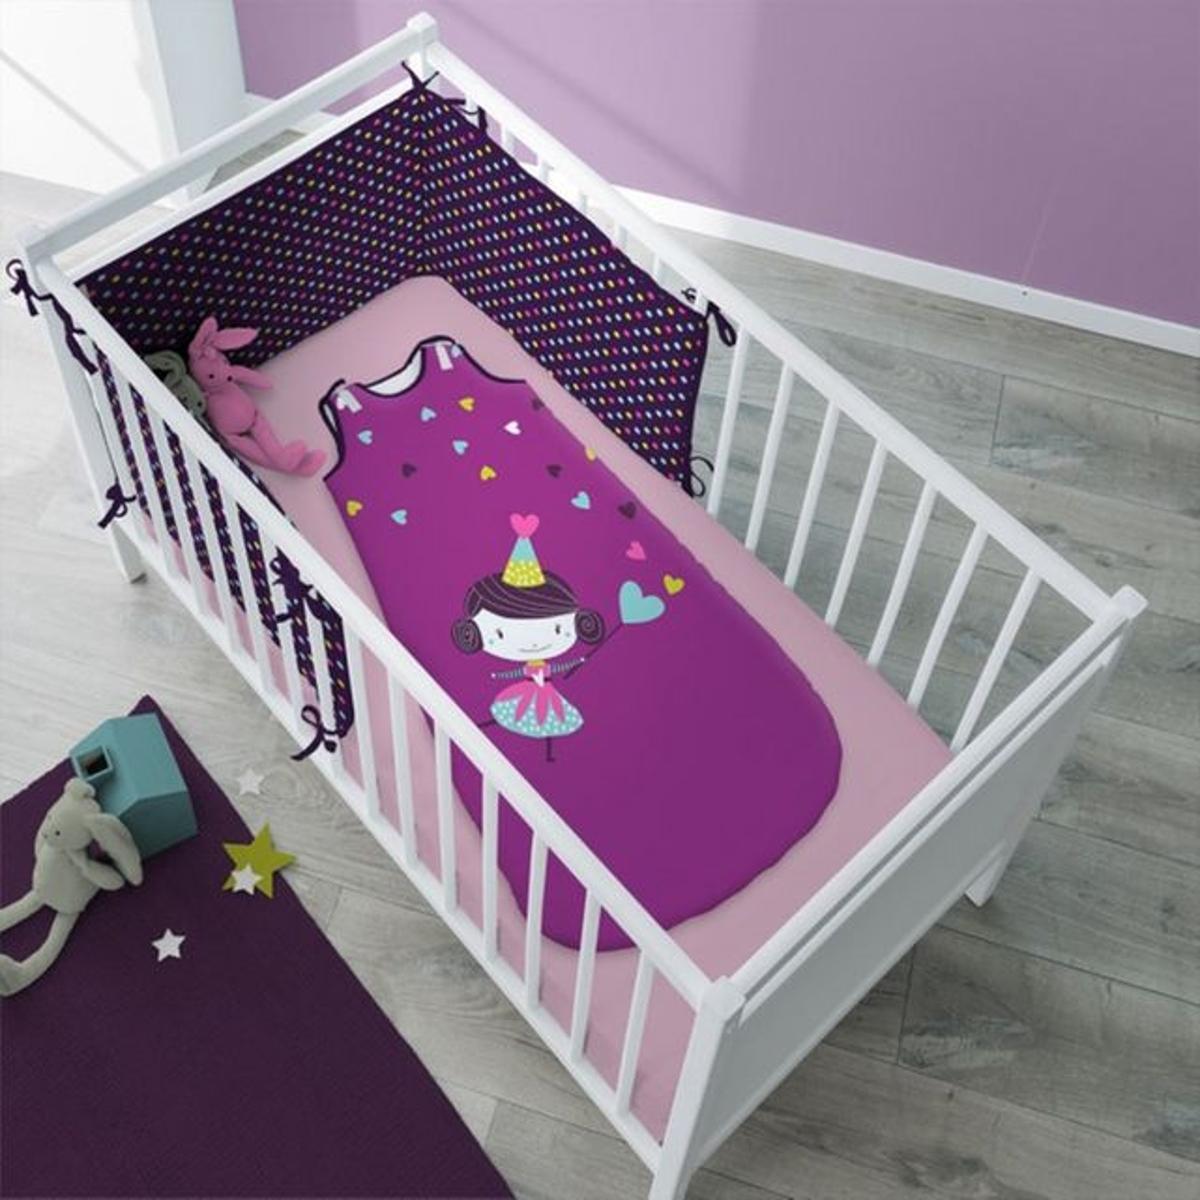 Turbulette fée violette en coton pour enfant - Prunette